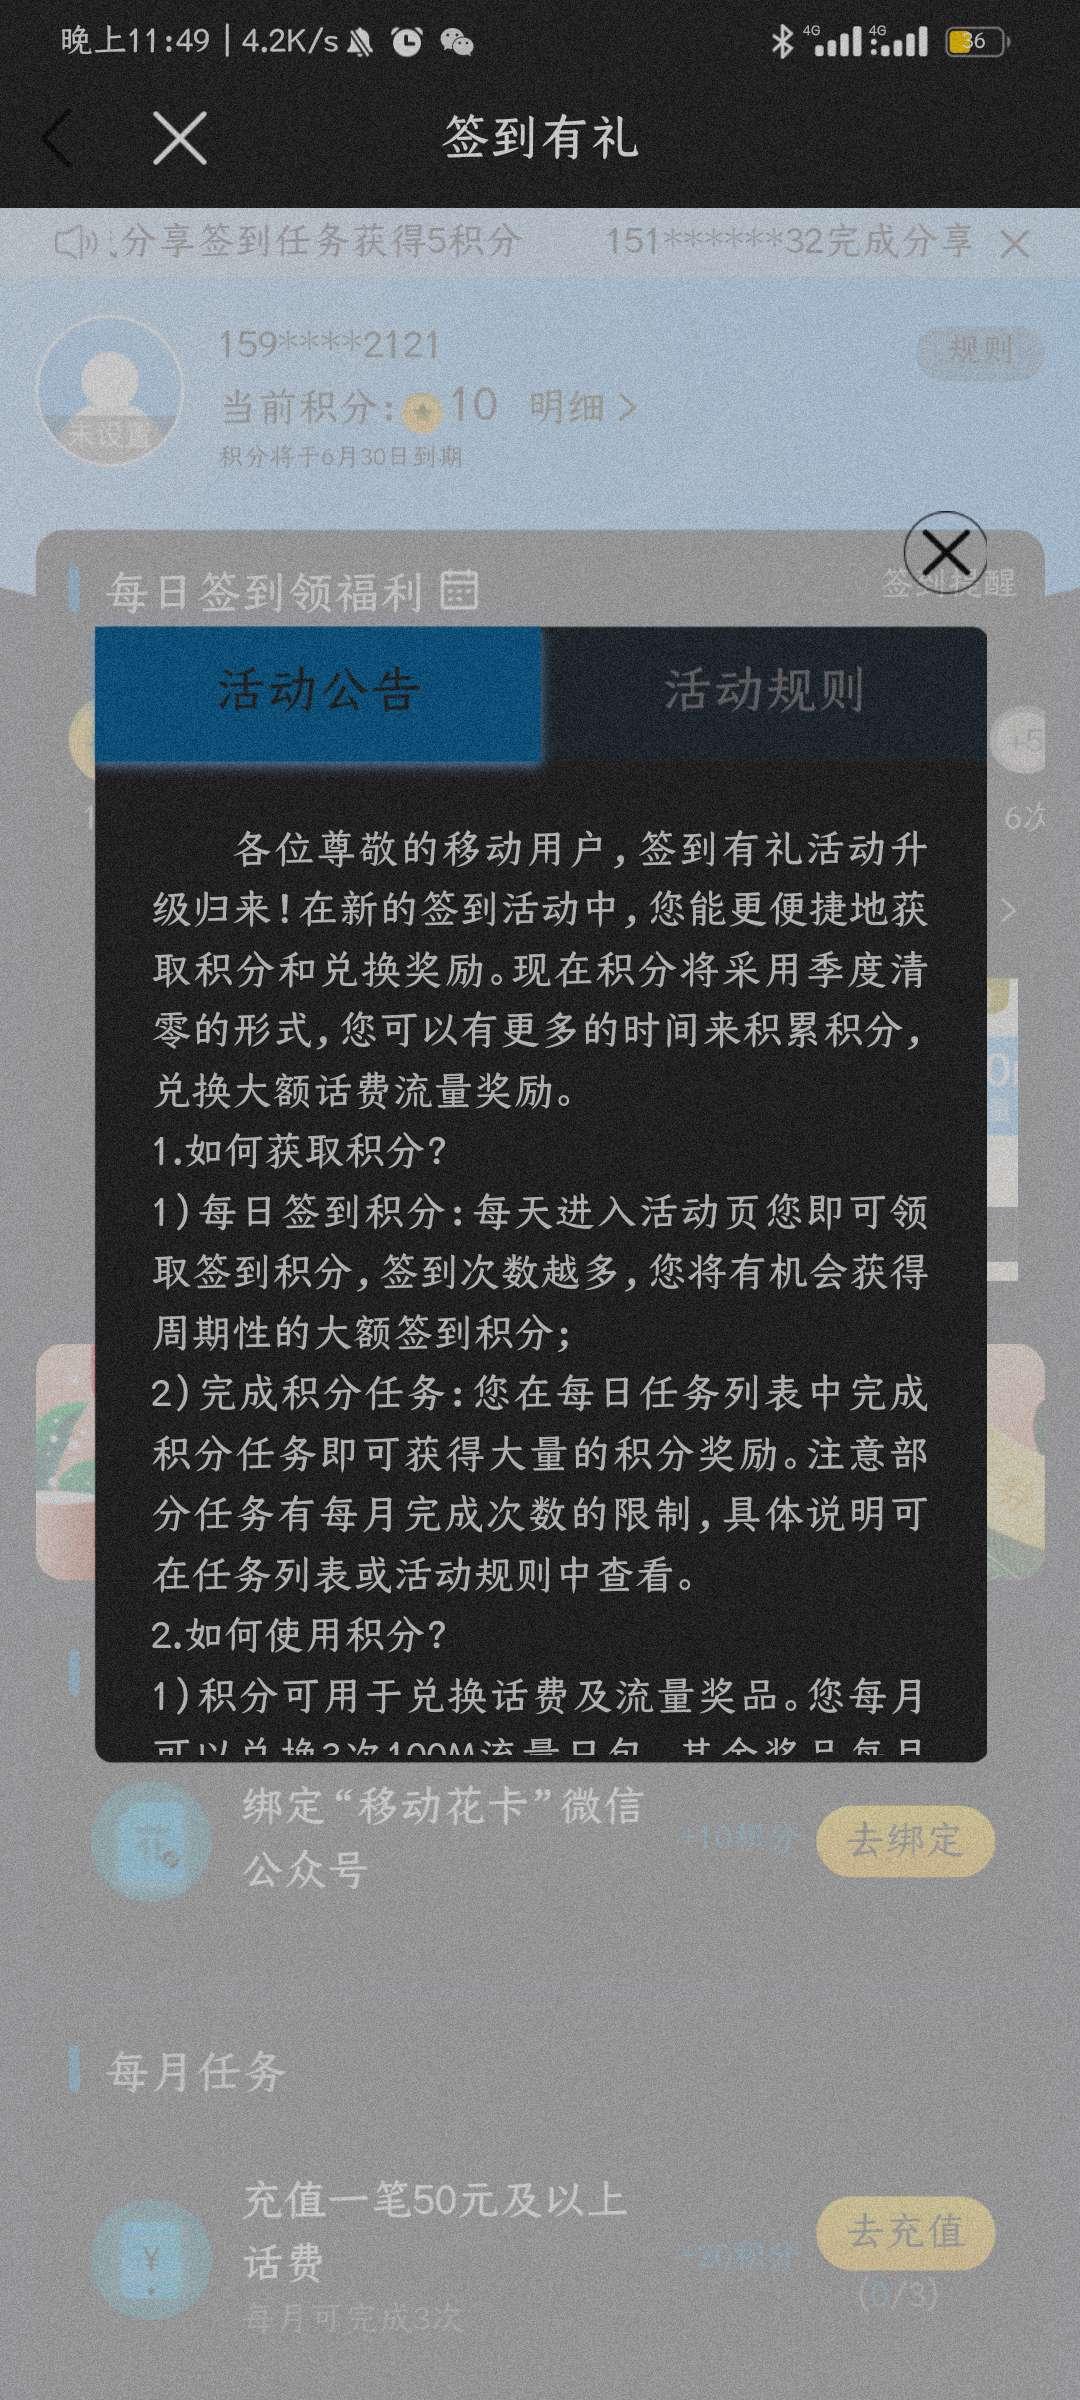 中国移动签到领流量日包